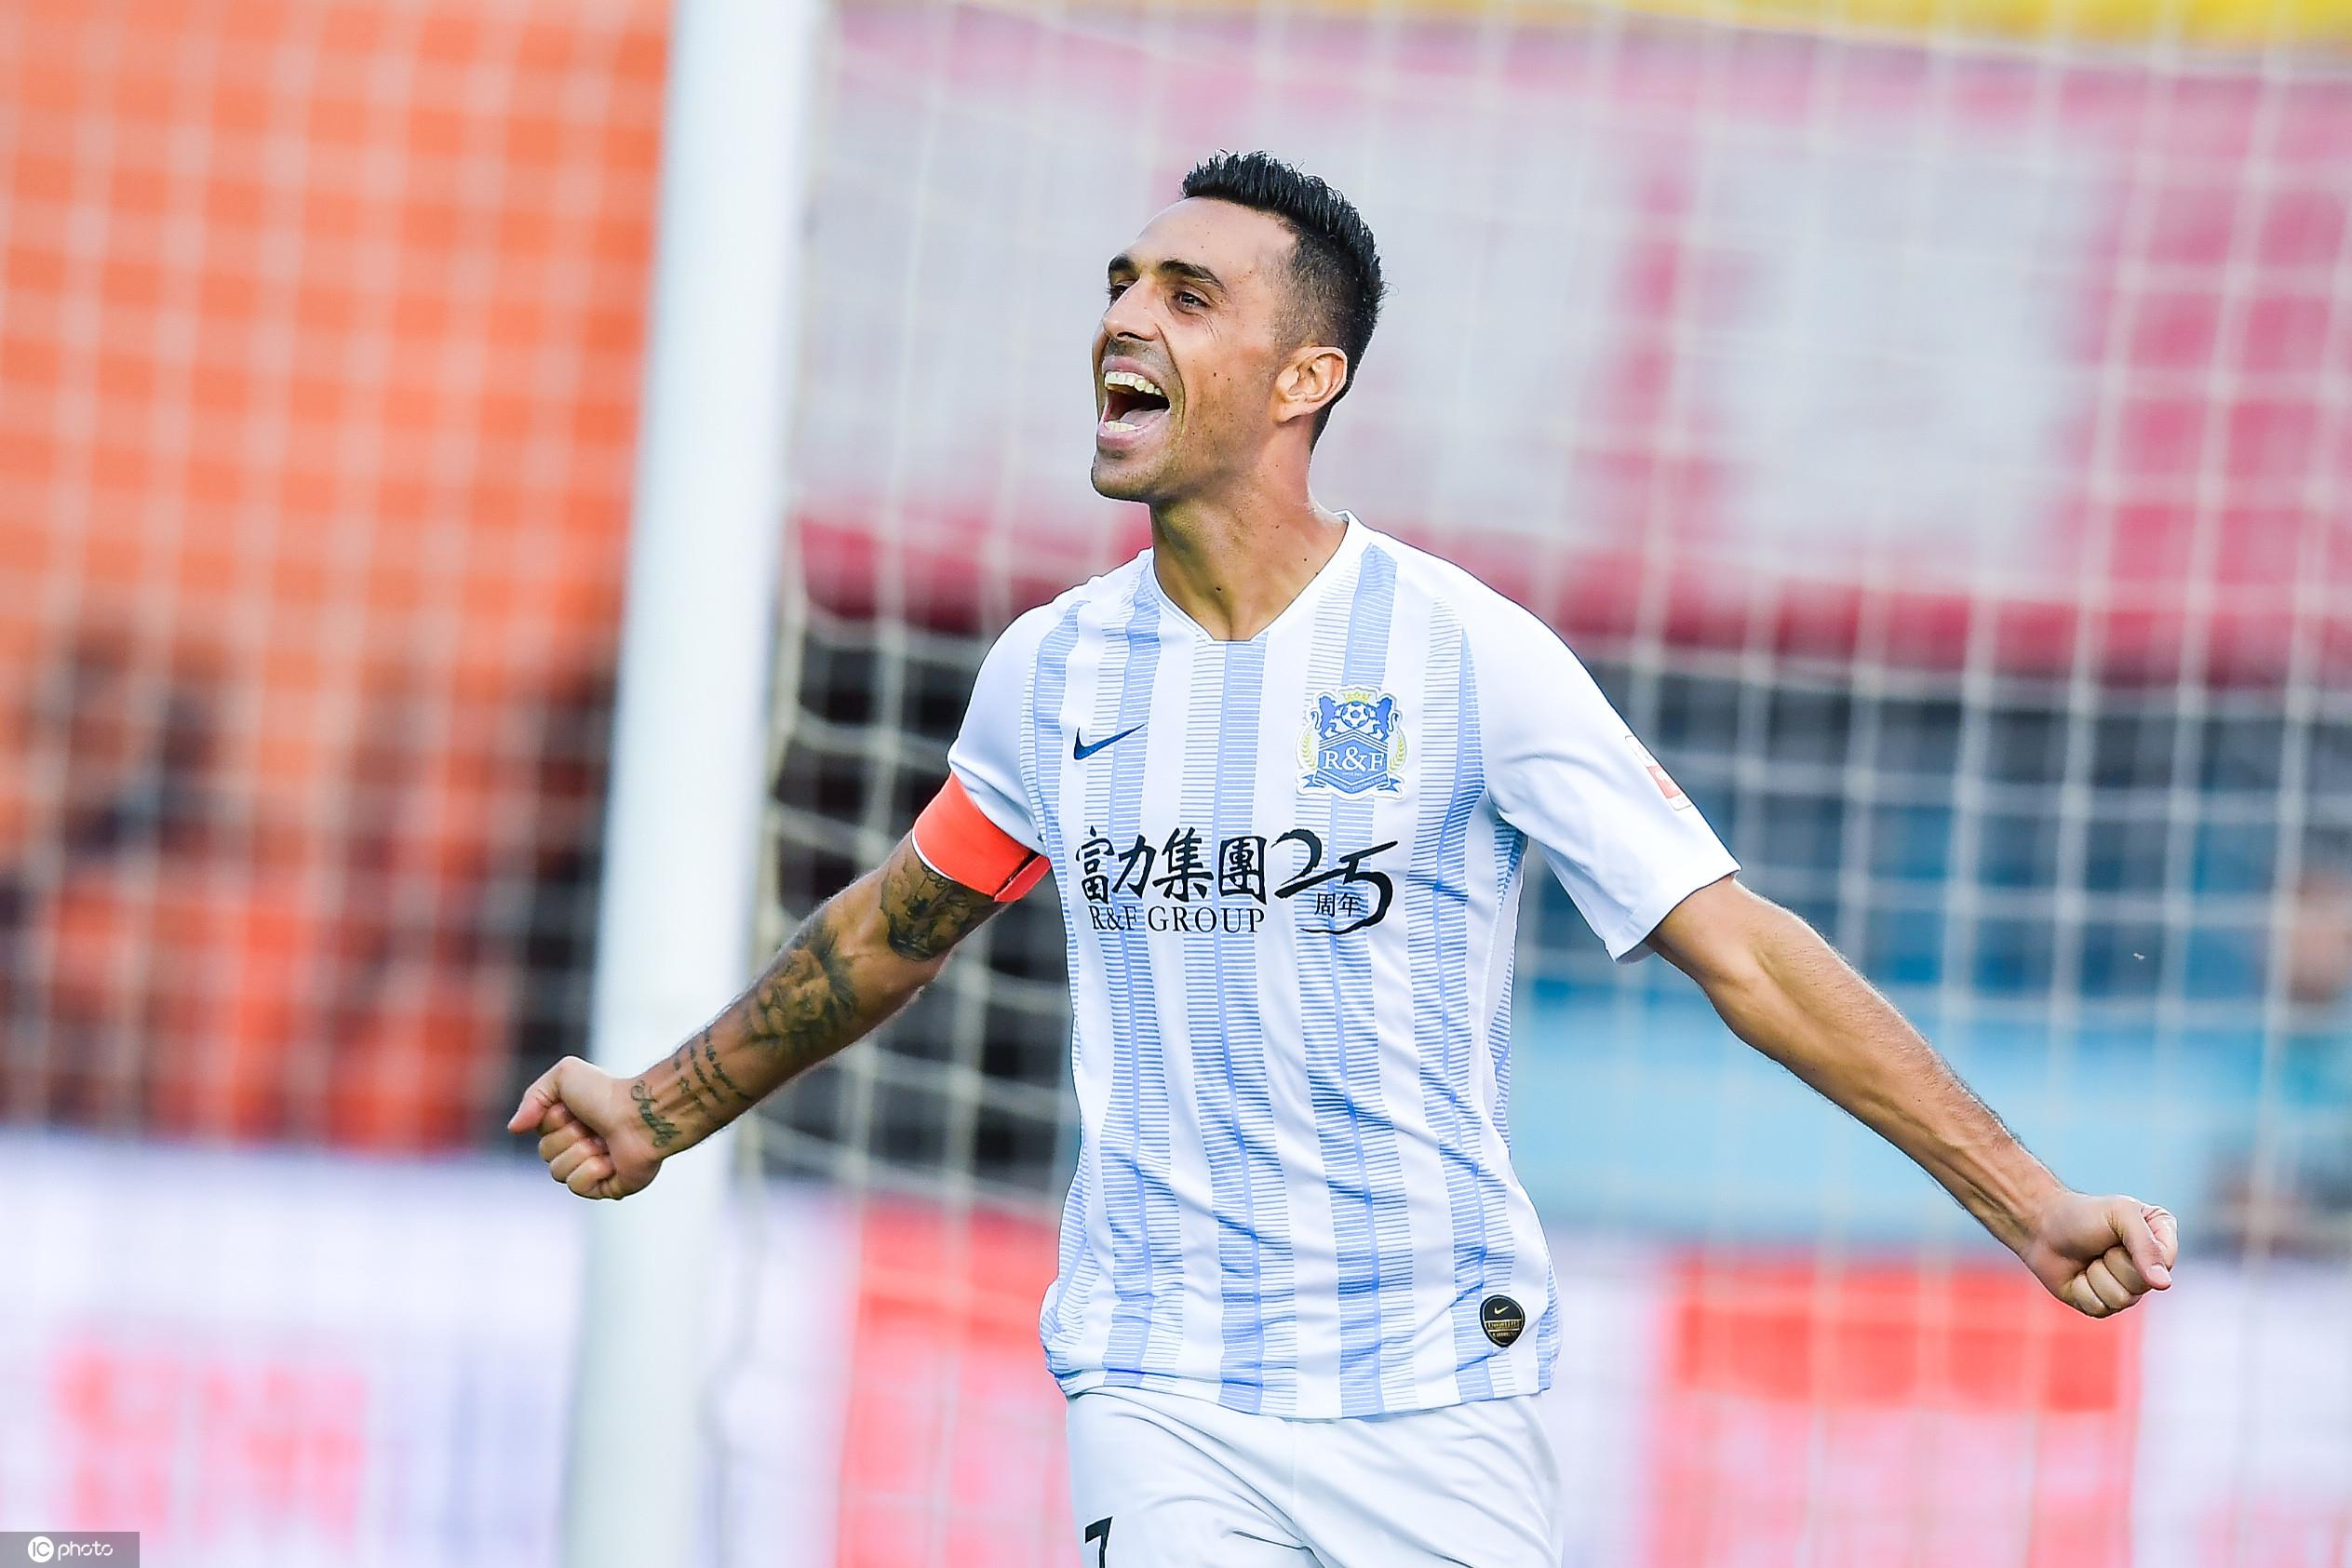 膜拜新王!扎哈维打破中国顶级联赛单赛季进球纪录